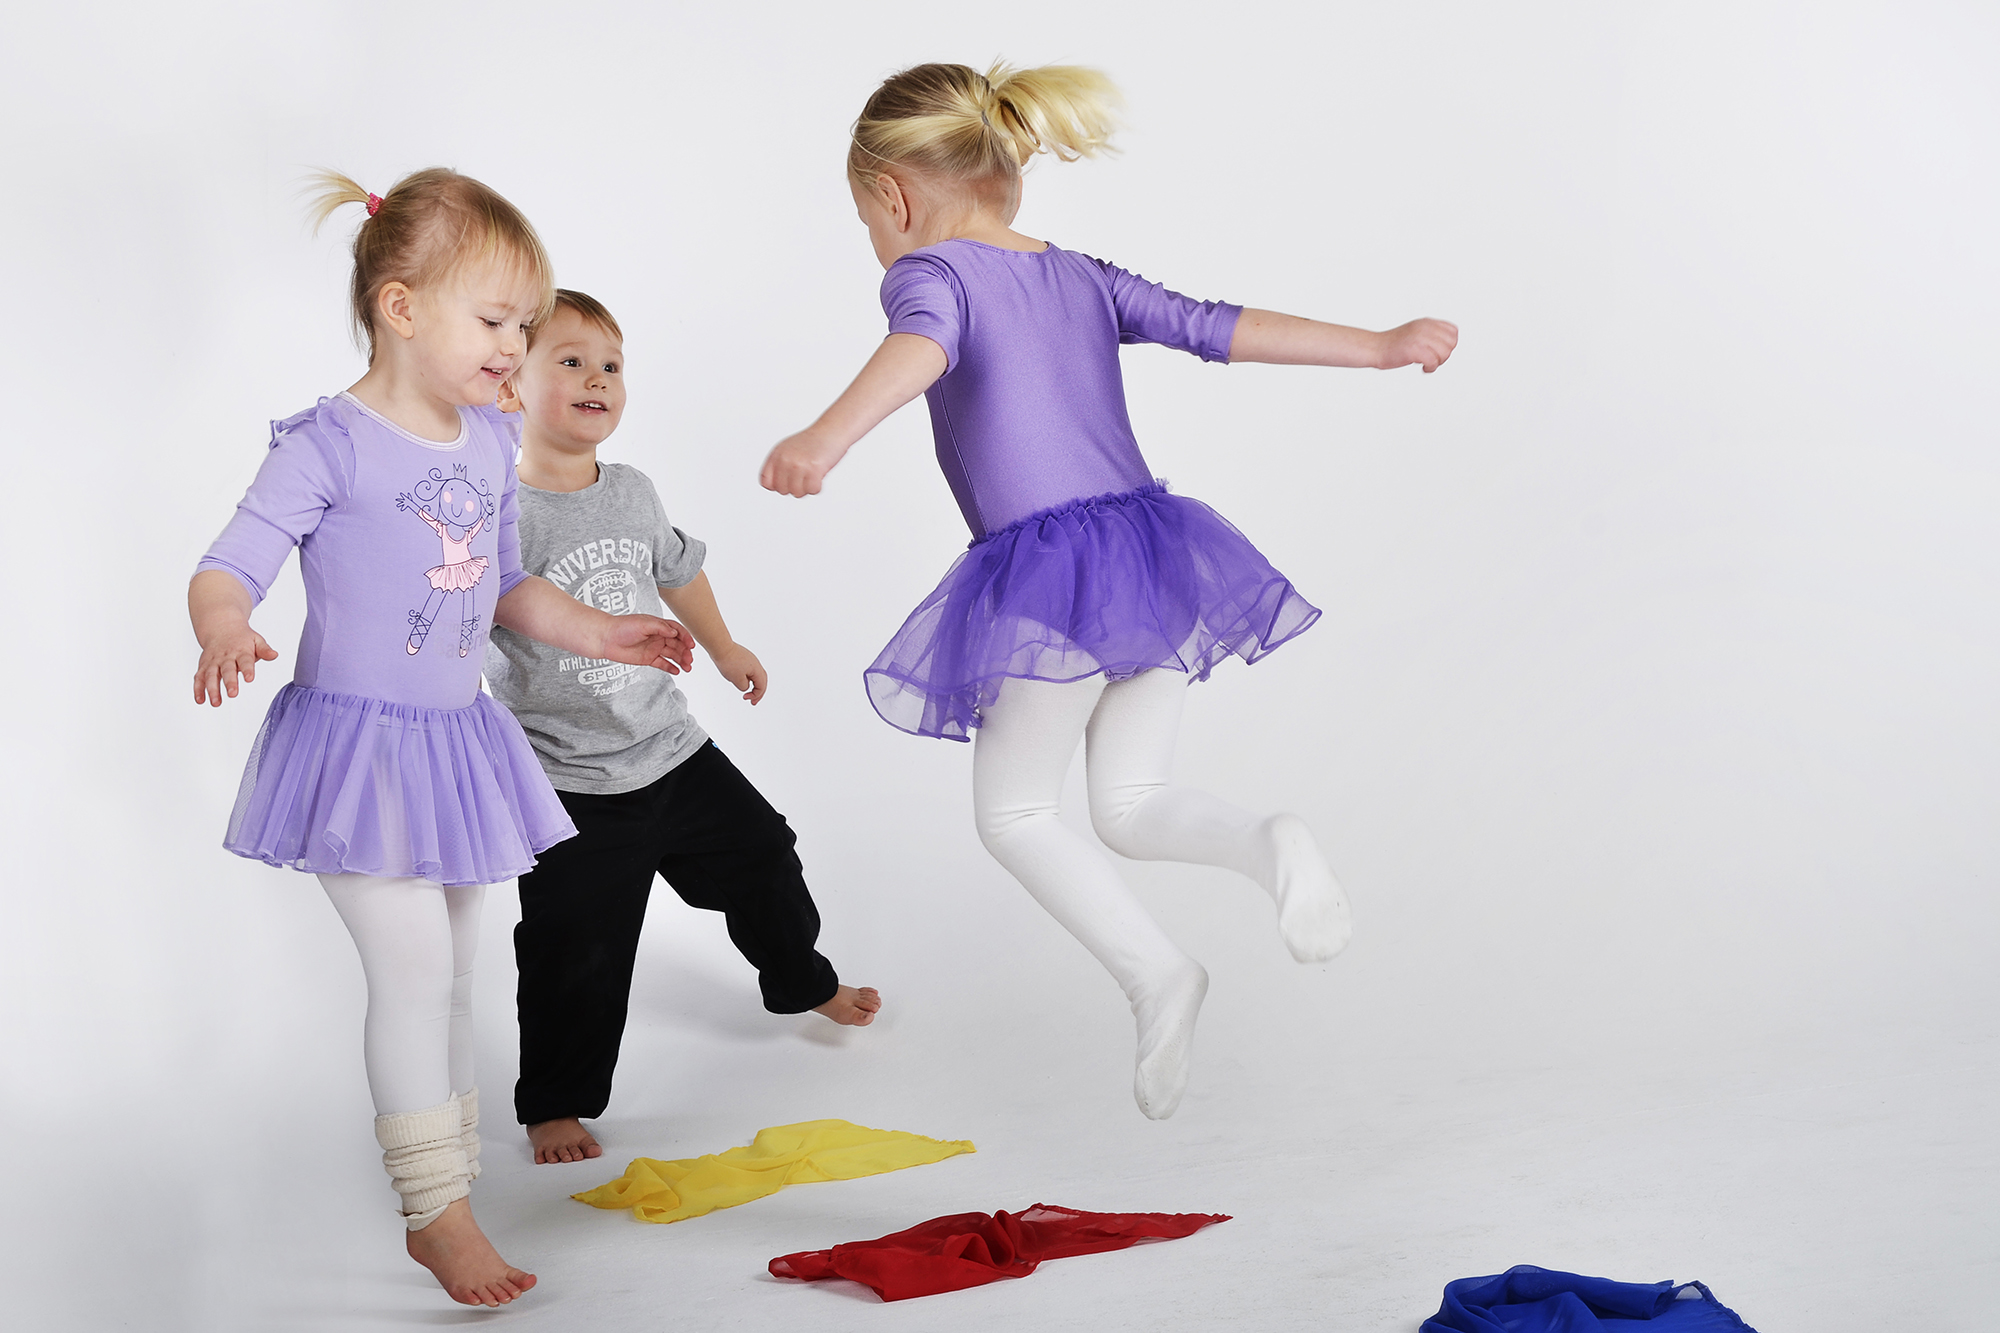 Tre barn hoppar och leker i ett rum